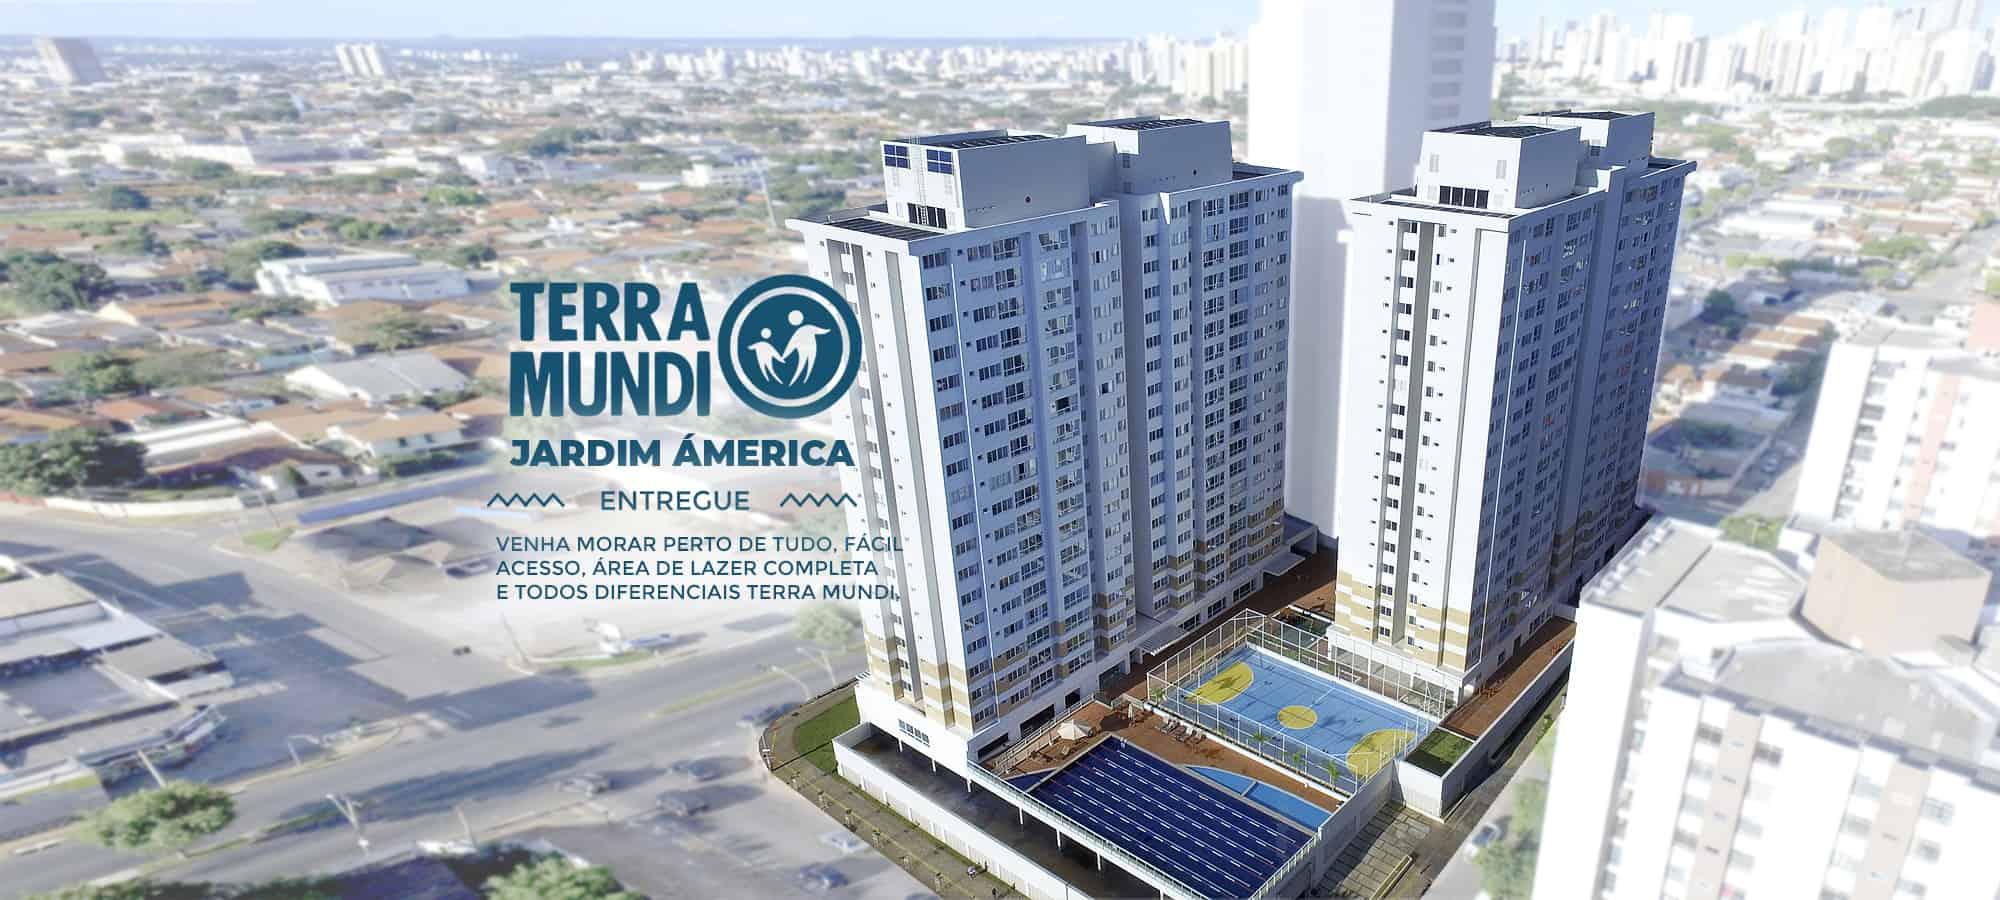 Apartamento Terra Mundi Jardim América - Construtora Newinc